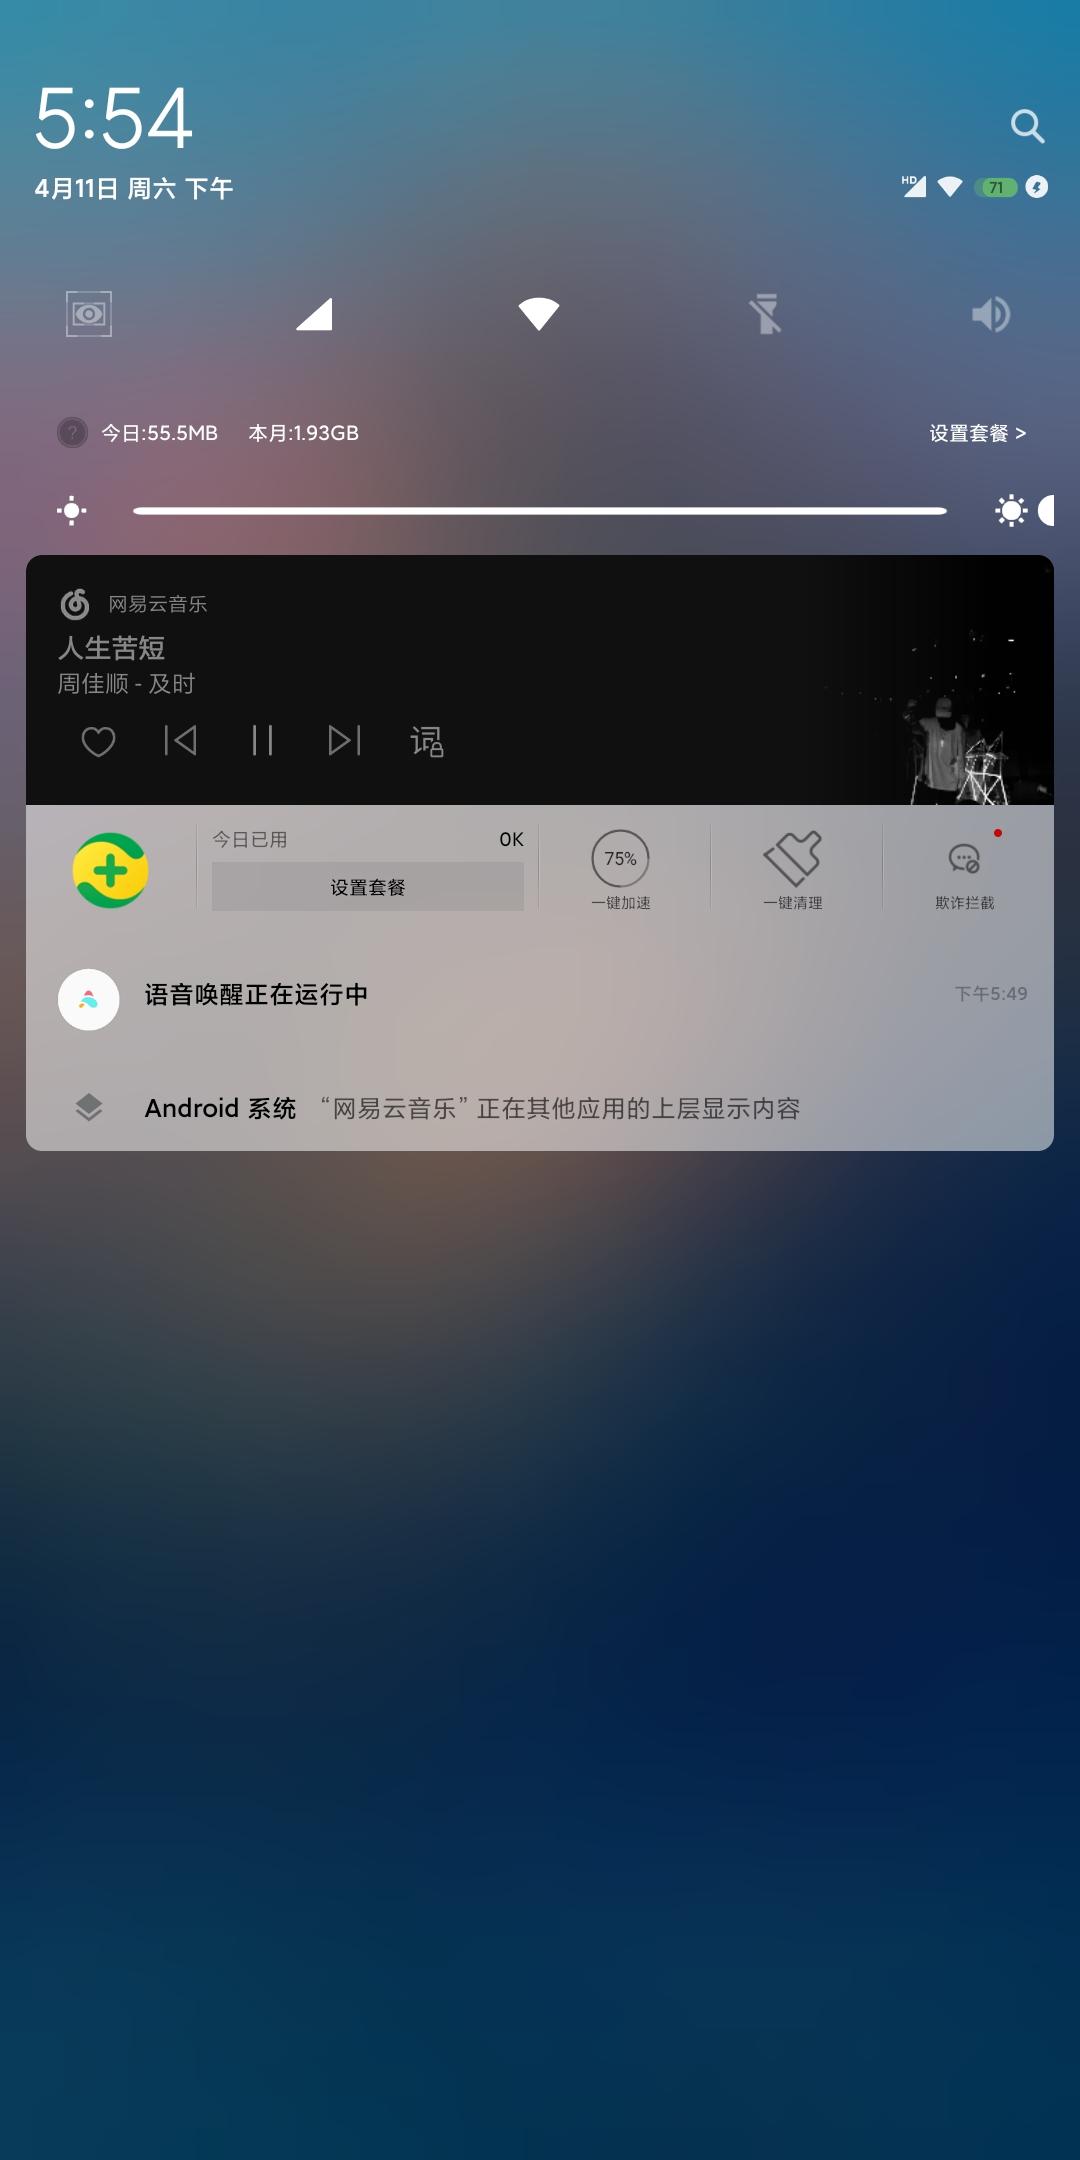 【考核】原生音乐通知模块2.9.2